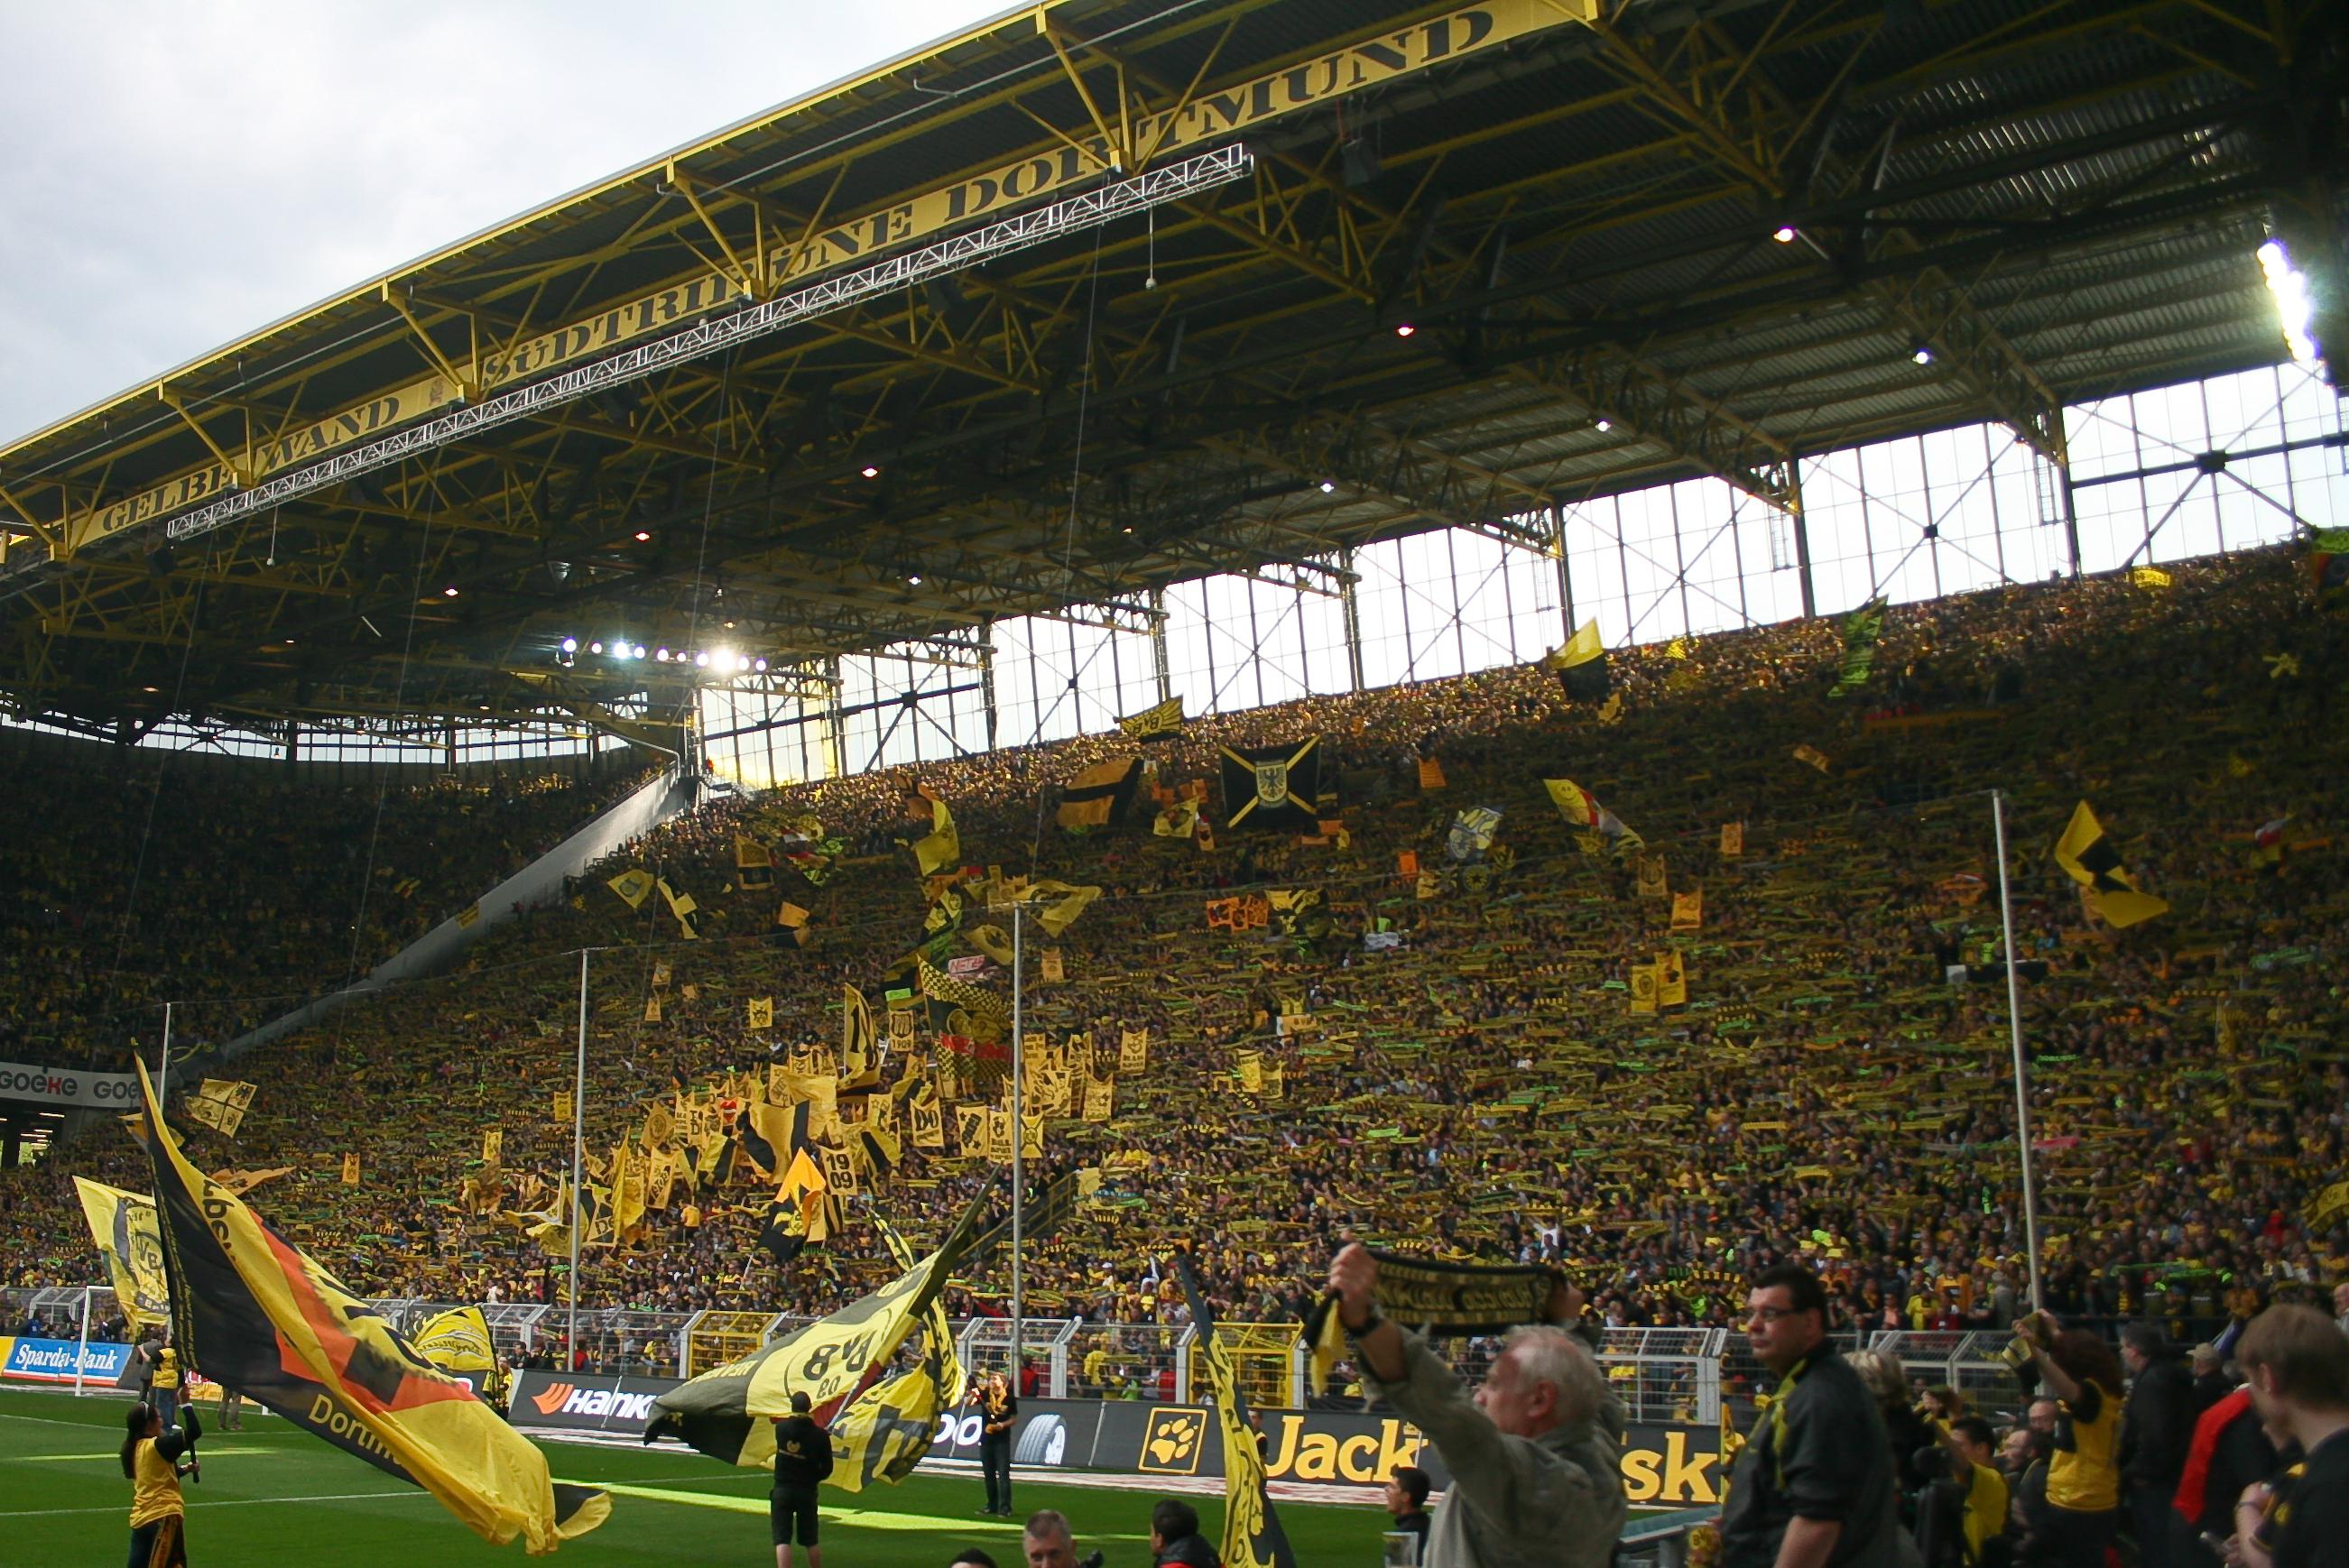 Südtribüne in Dortmund